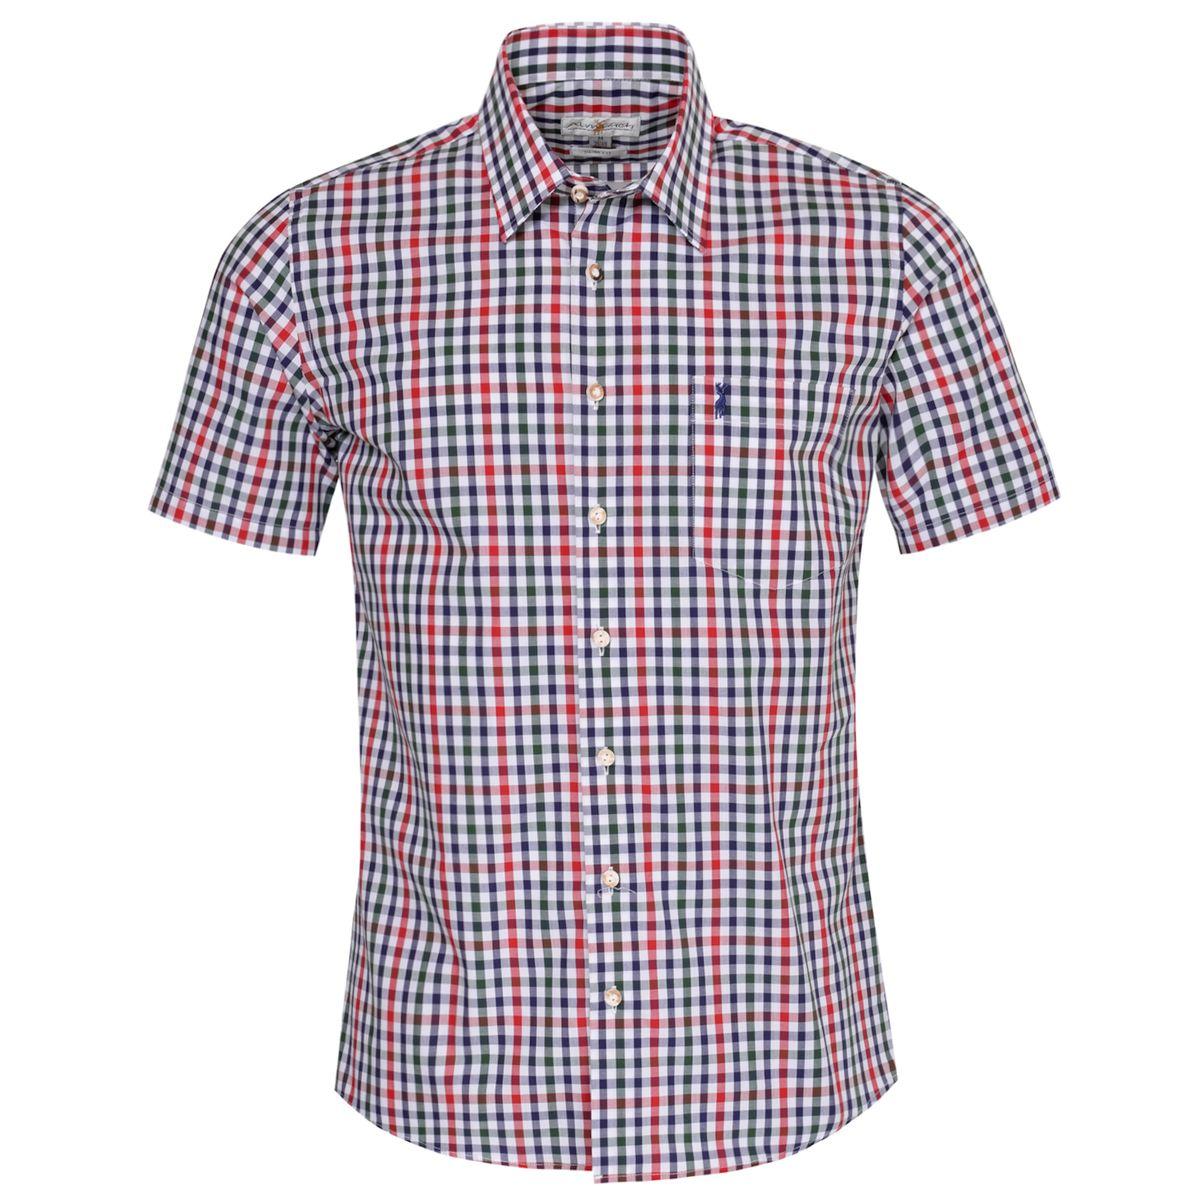 Kurzarm Trachtenhemd Erik Slim Fit zweifarbig in Rot und Dunkelgrün von Almsach günstig online kaufen